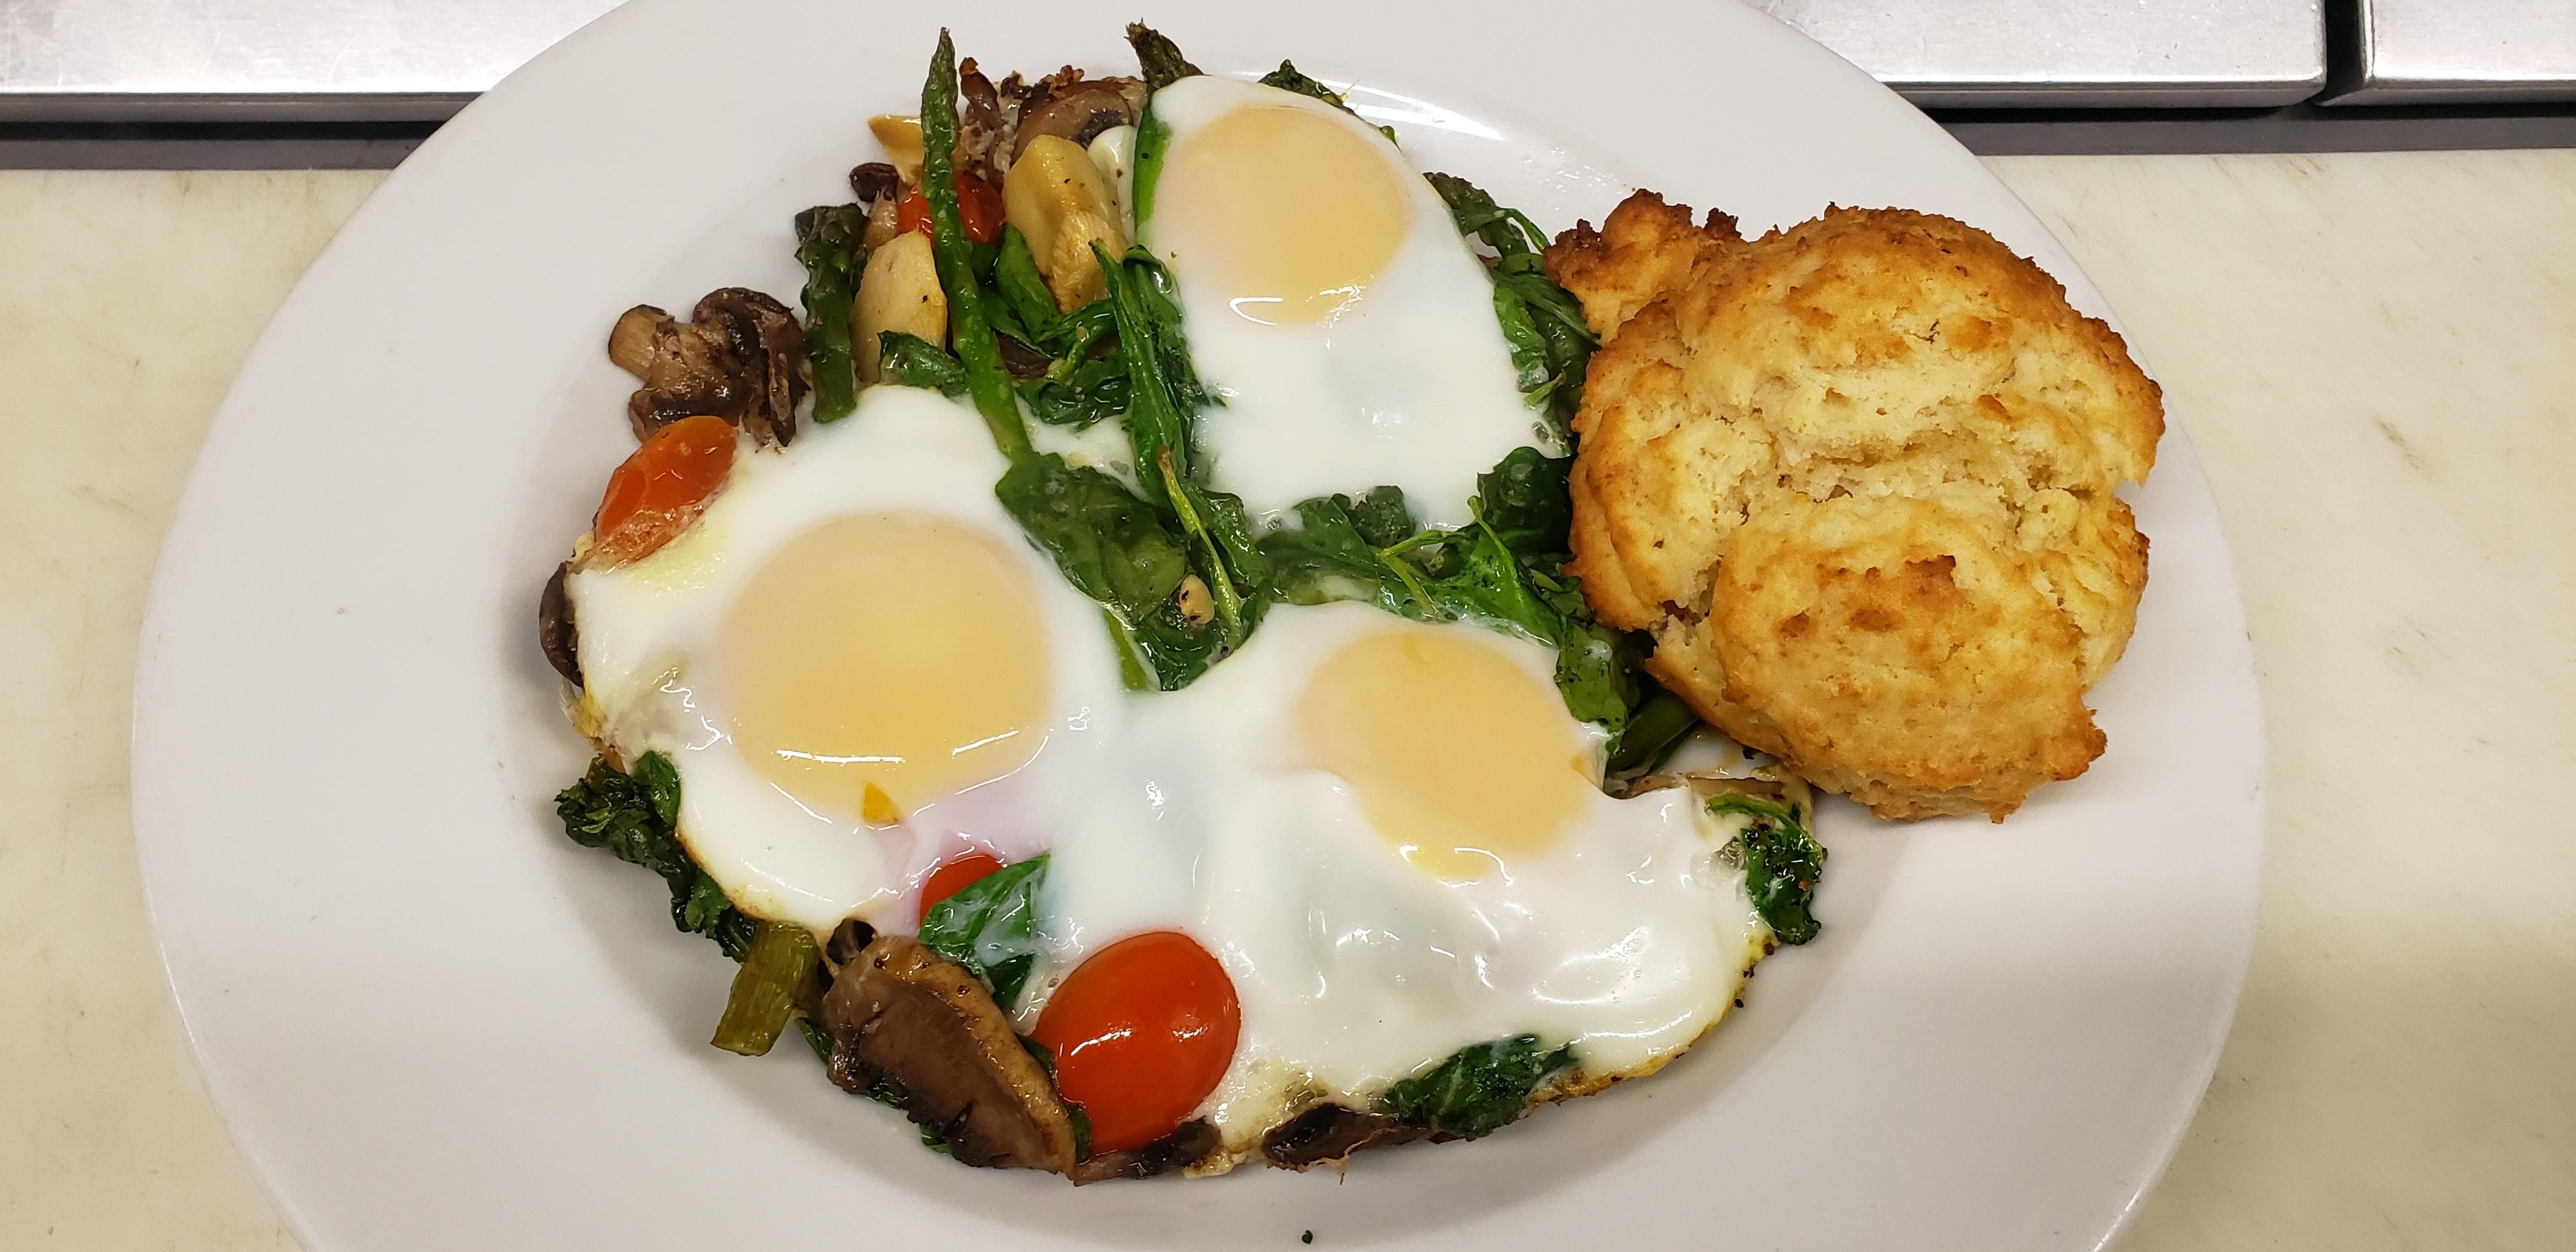 Eatery, Cracked Egg Skillet